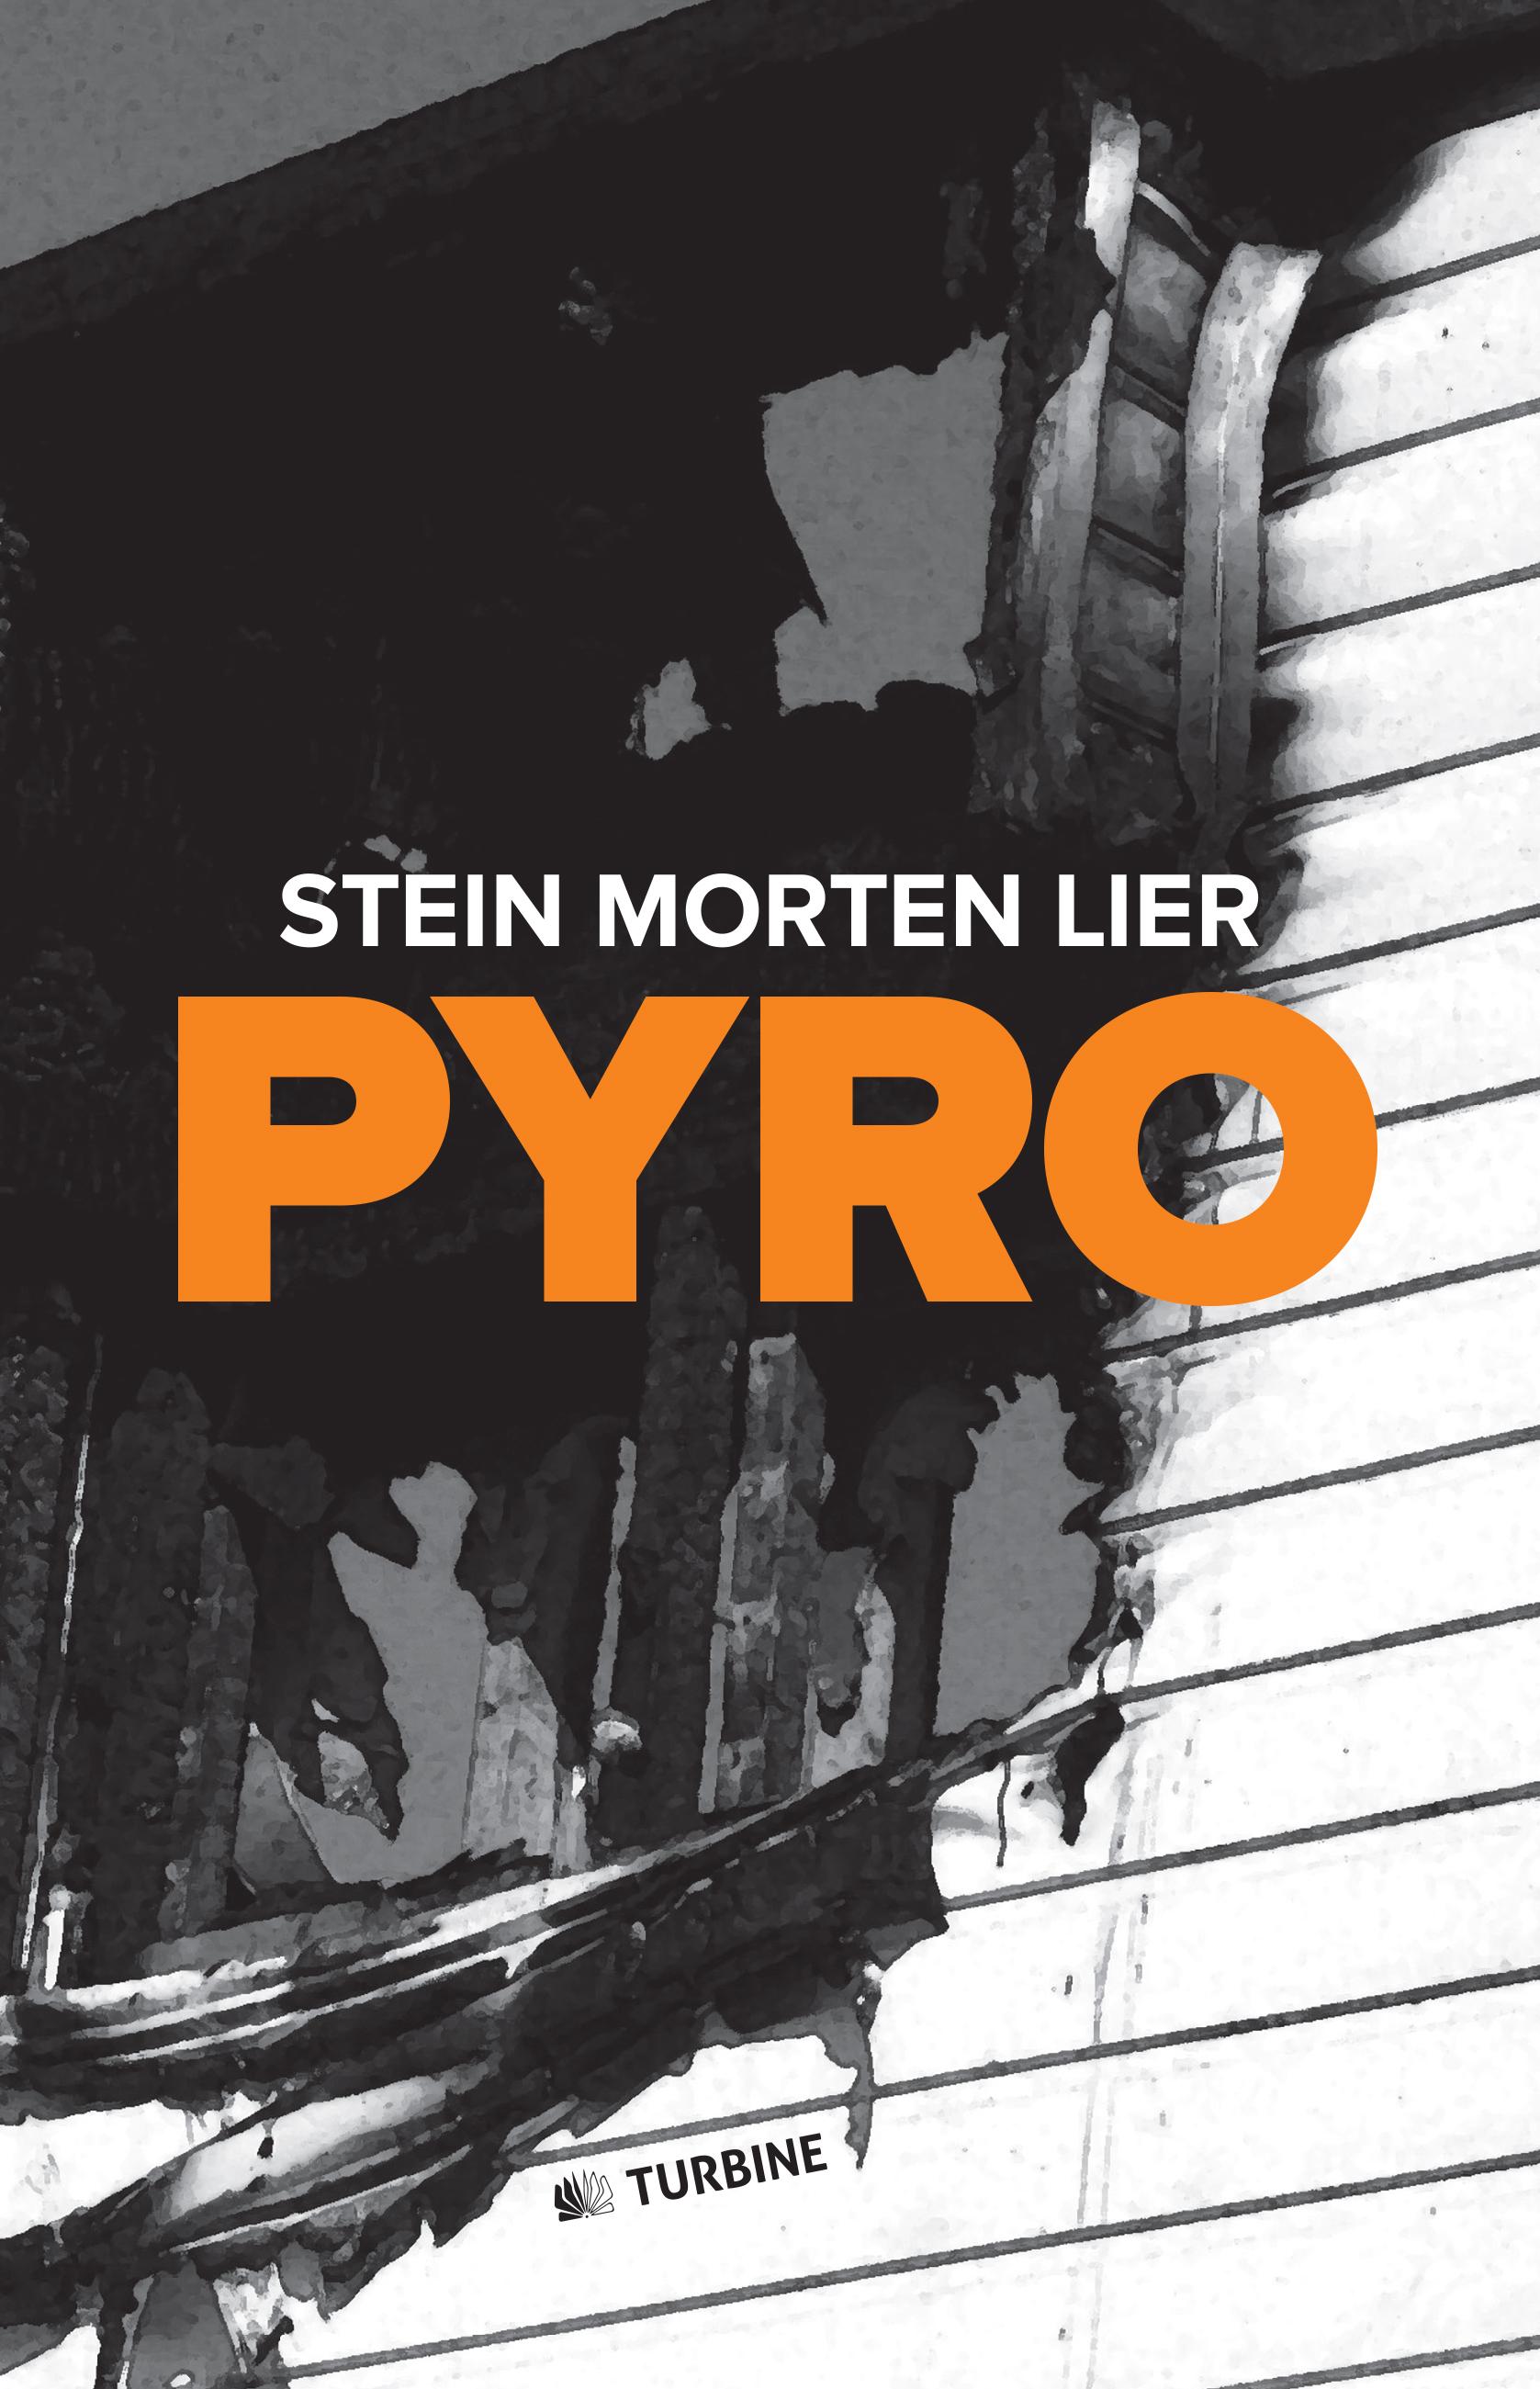 En pyroman, en gangsterboss og en voldelig dranker: Drengen Tinius støder på hård modstand i bind to af ny thriller-serie på dansk